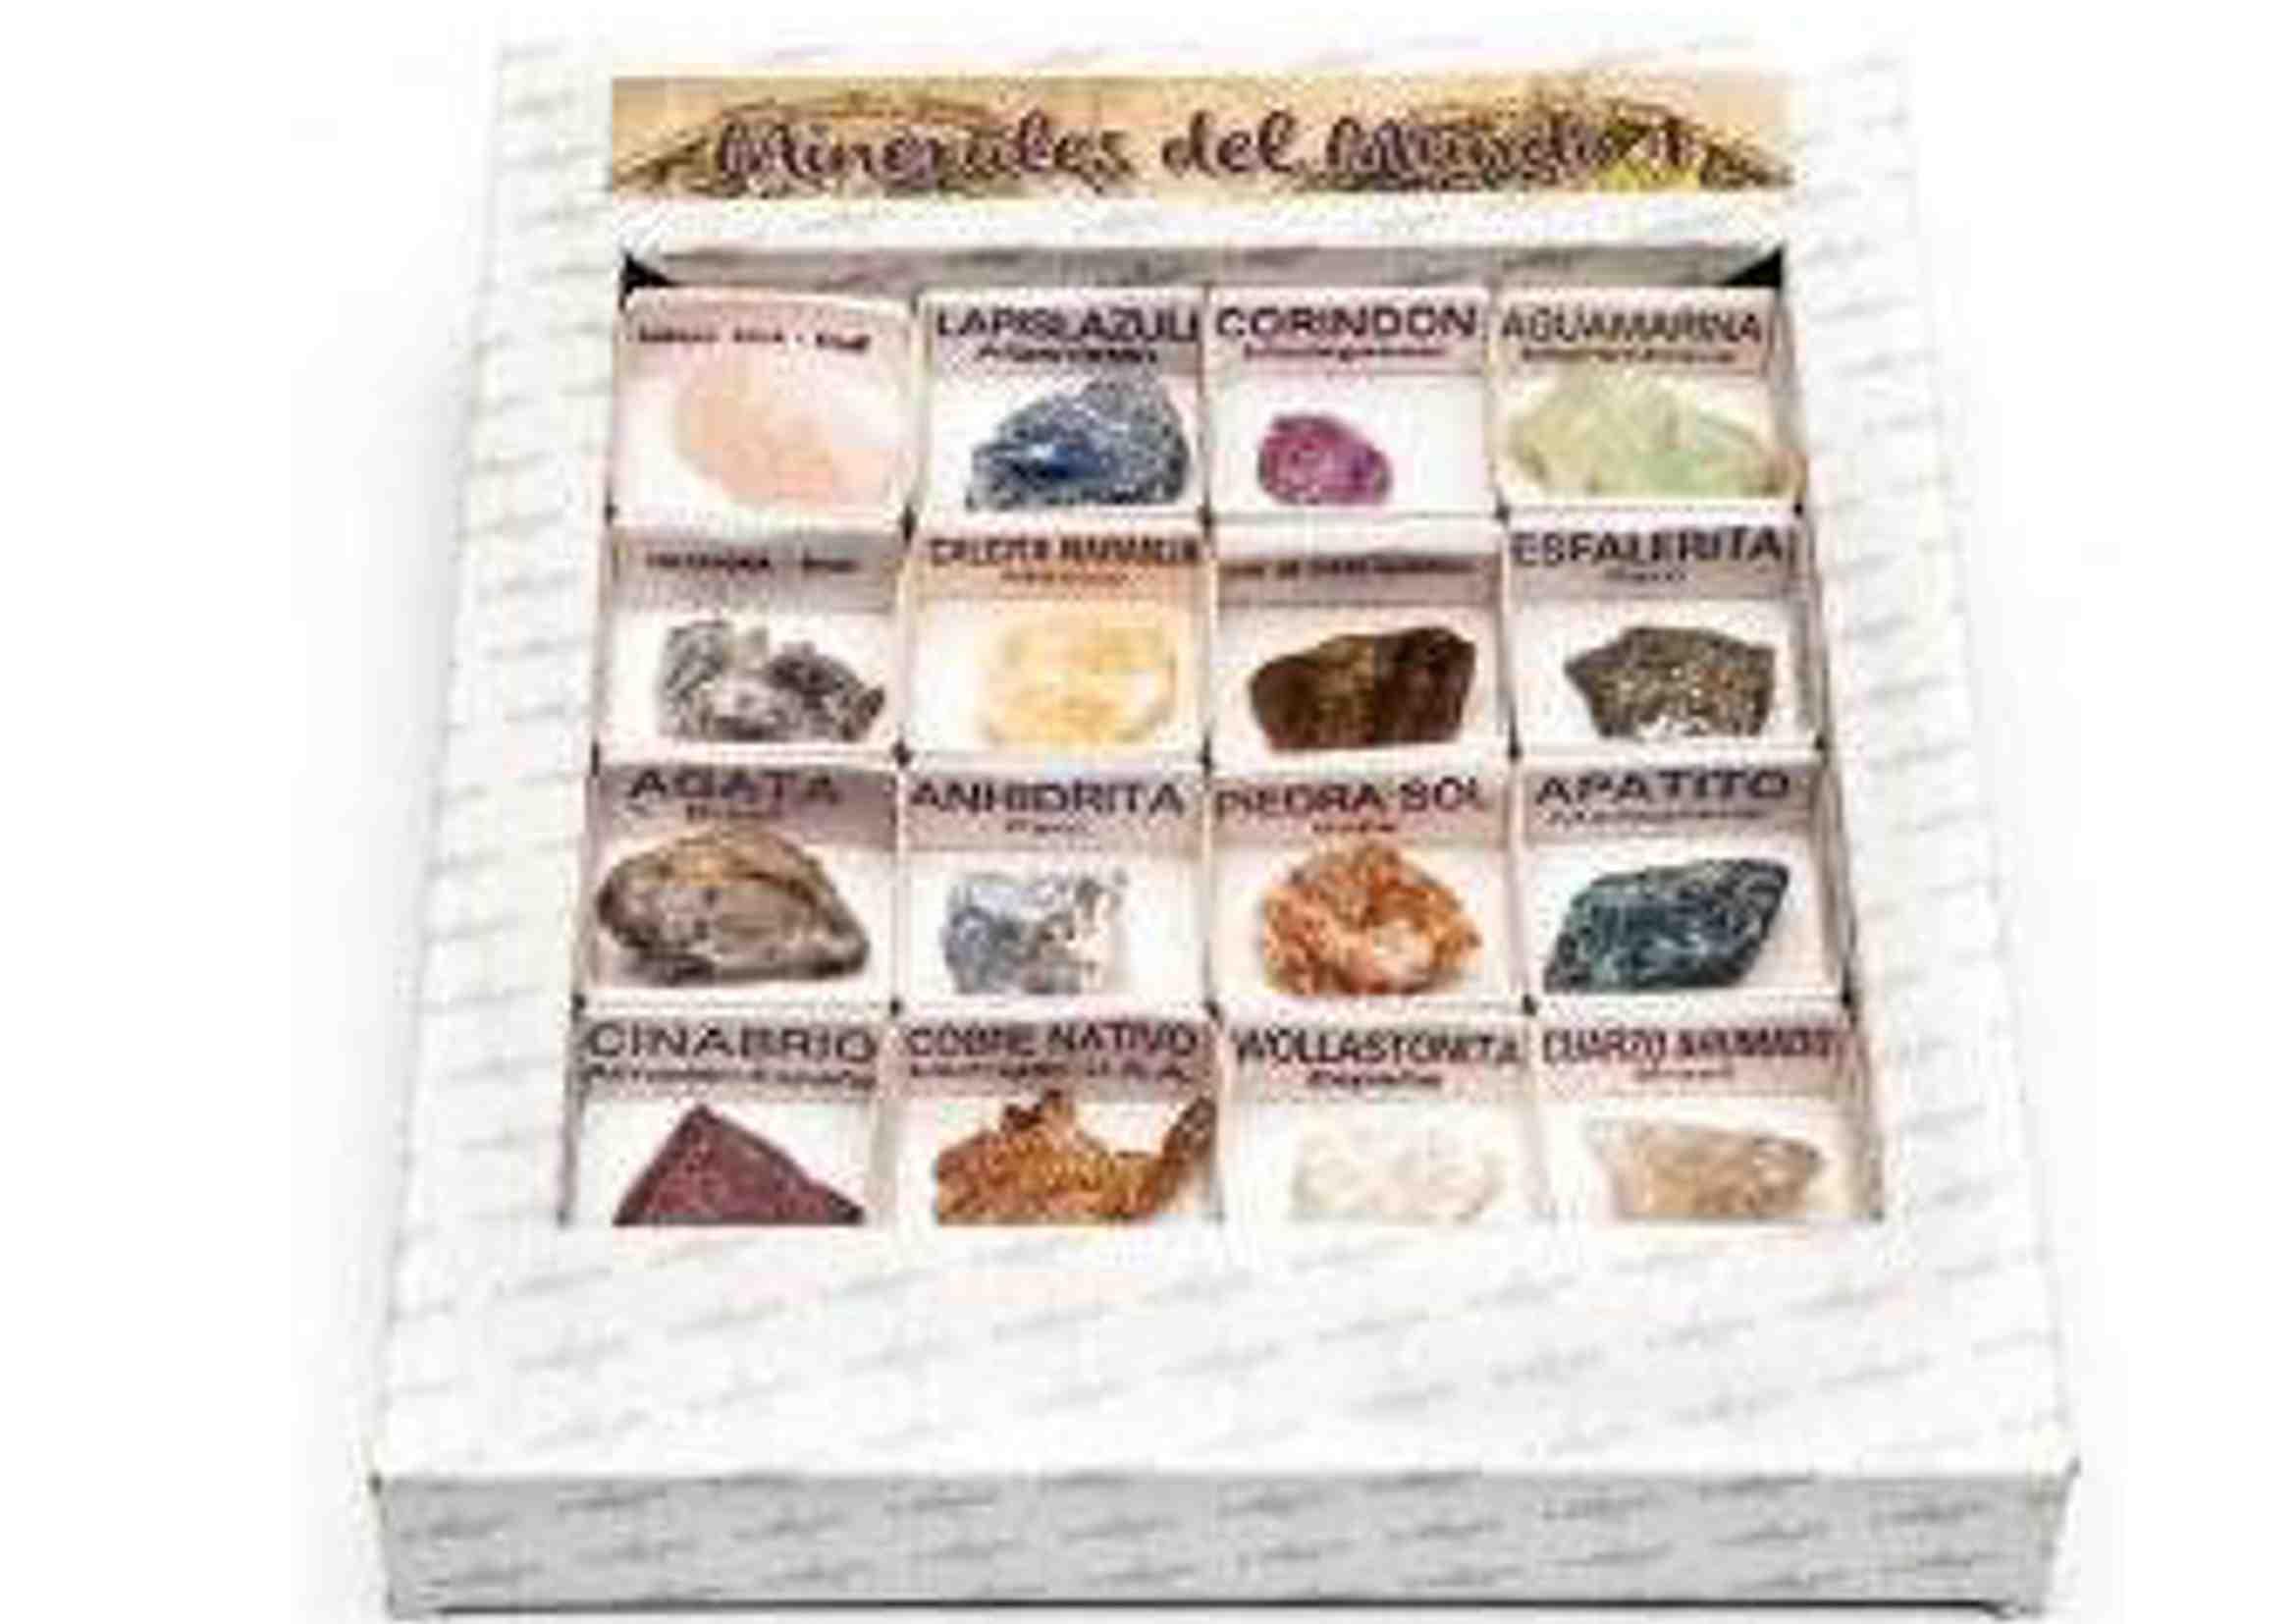 caja de minerales del mundo colección